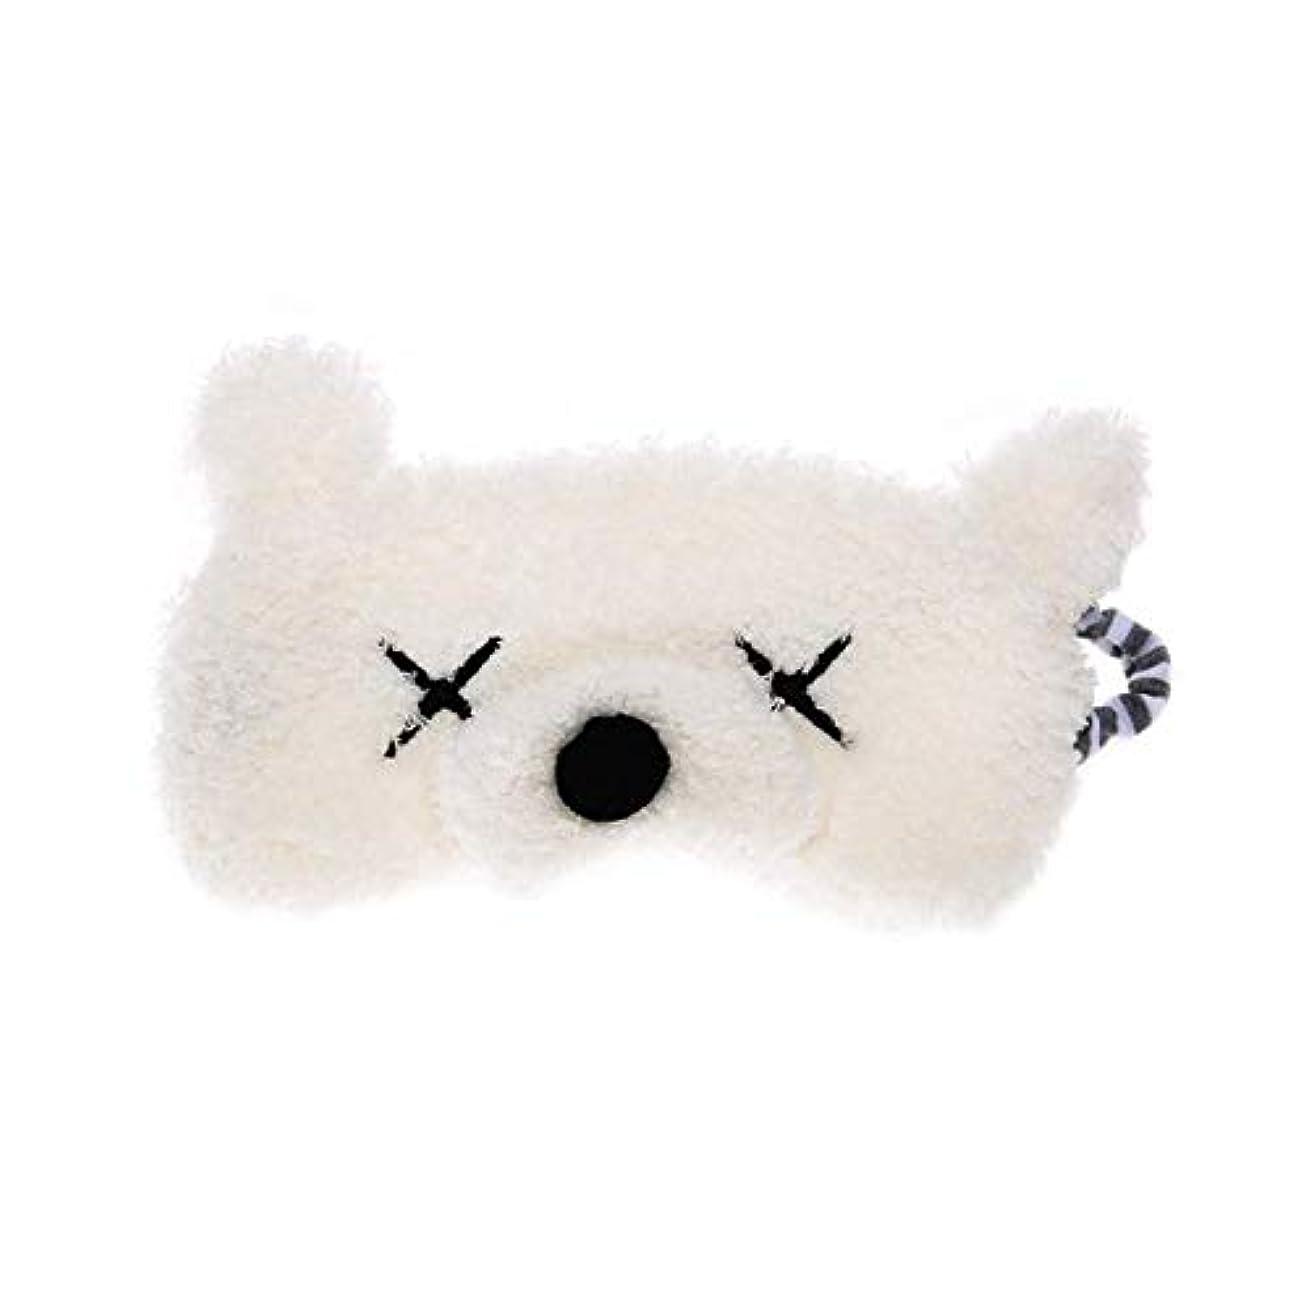 ファンネルウェブスパイダー鈍い魅力NOTE スーパーソフト漫画アイカバー睡眠マスクアイパッチかわいい猫クマ旅行目隠しシールド両面豪華なアイシェード睡眠昼寝エイド